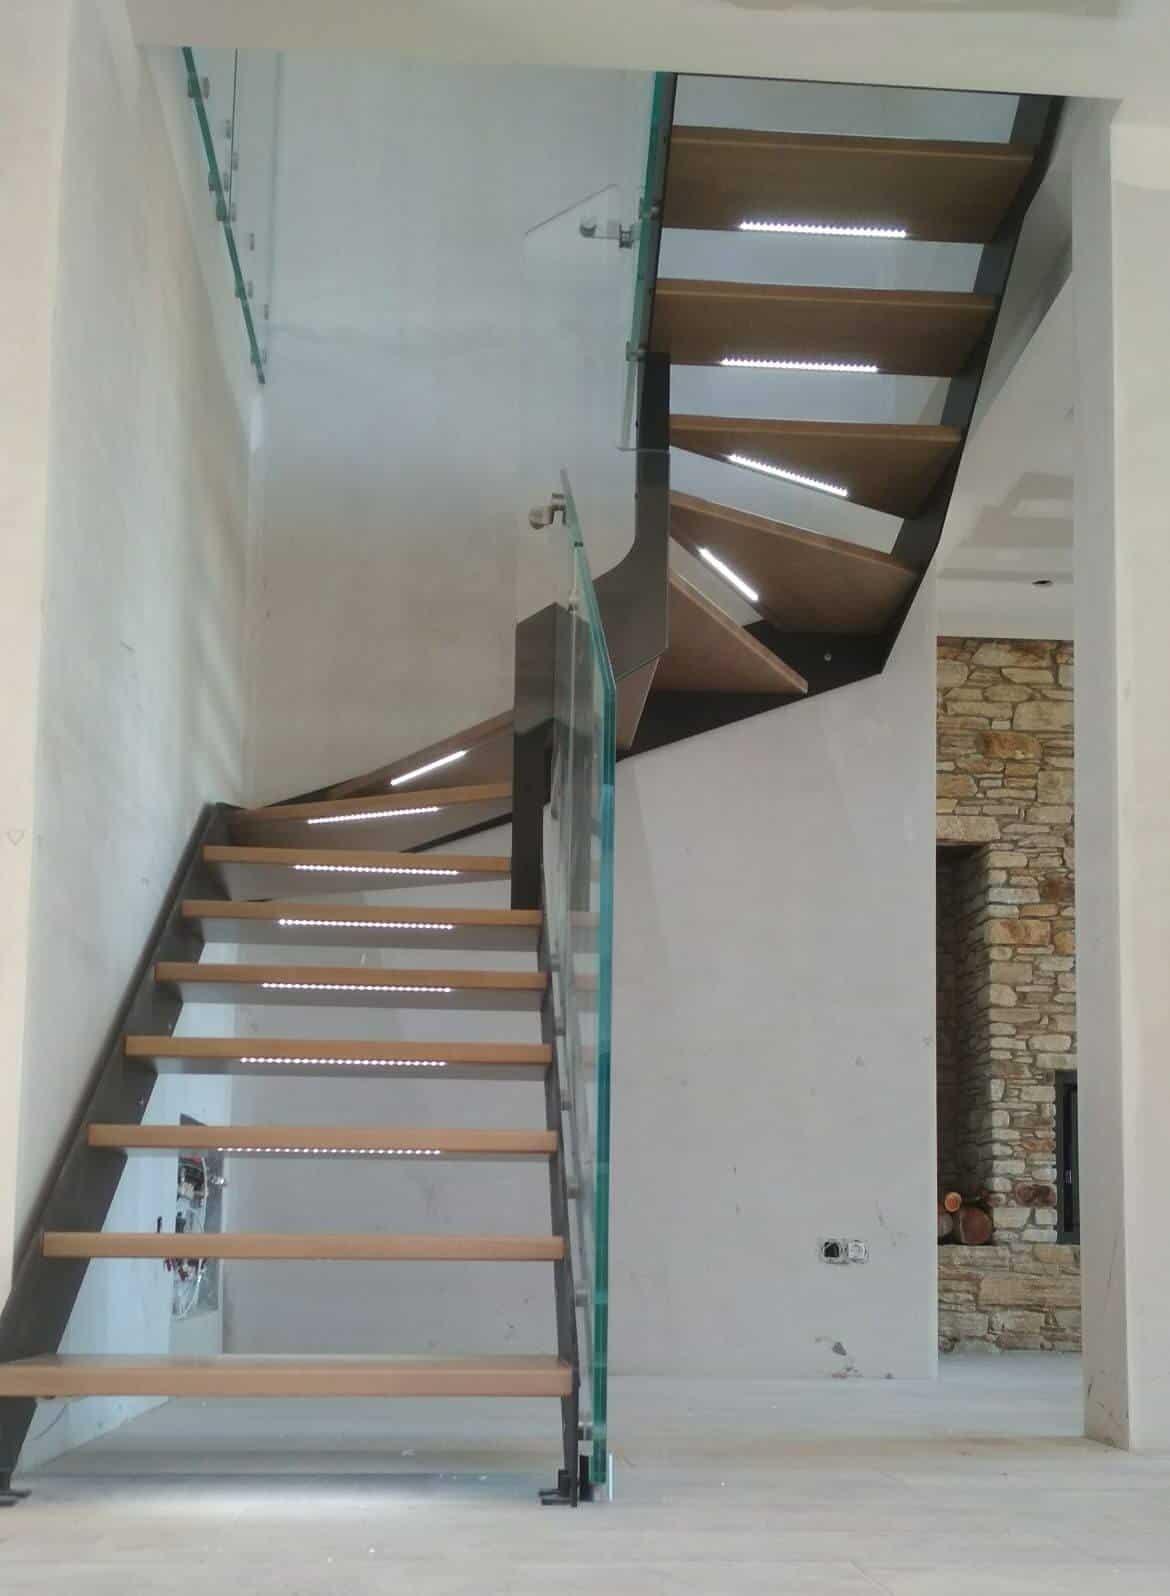 Escalera de madera con luz en los peldaños